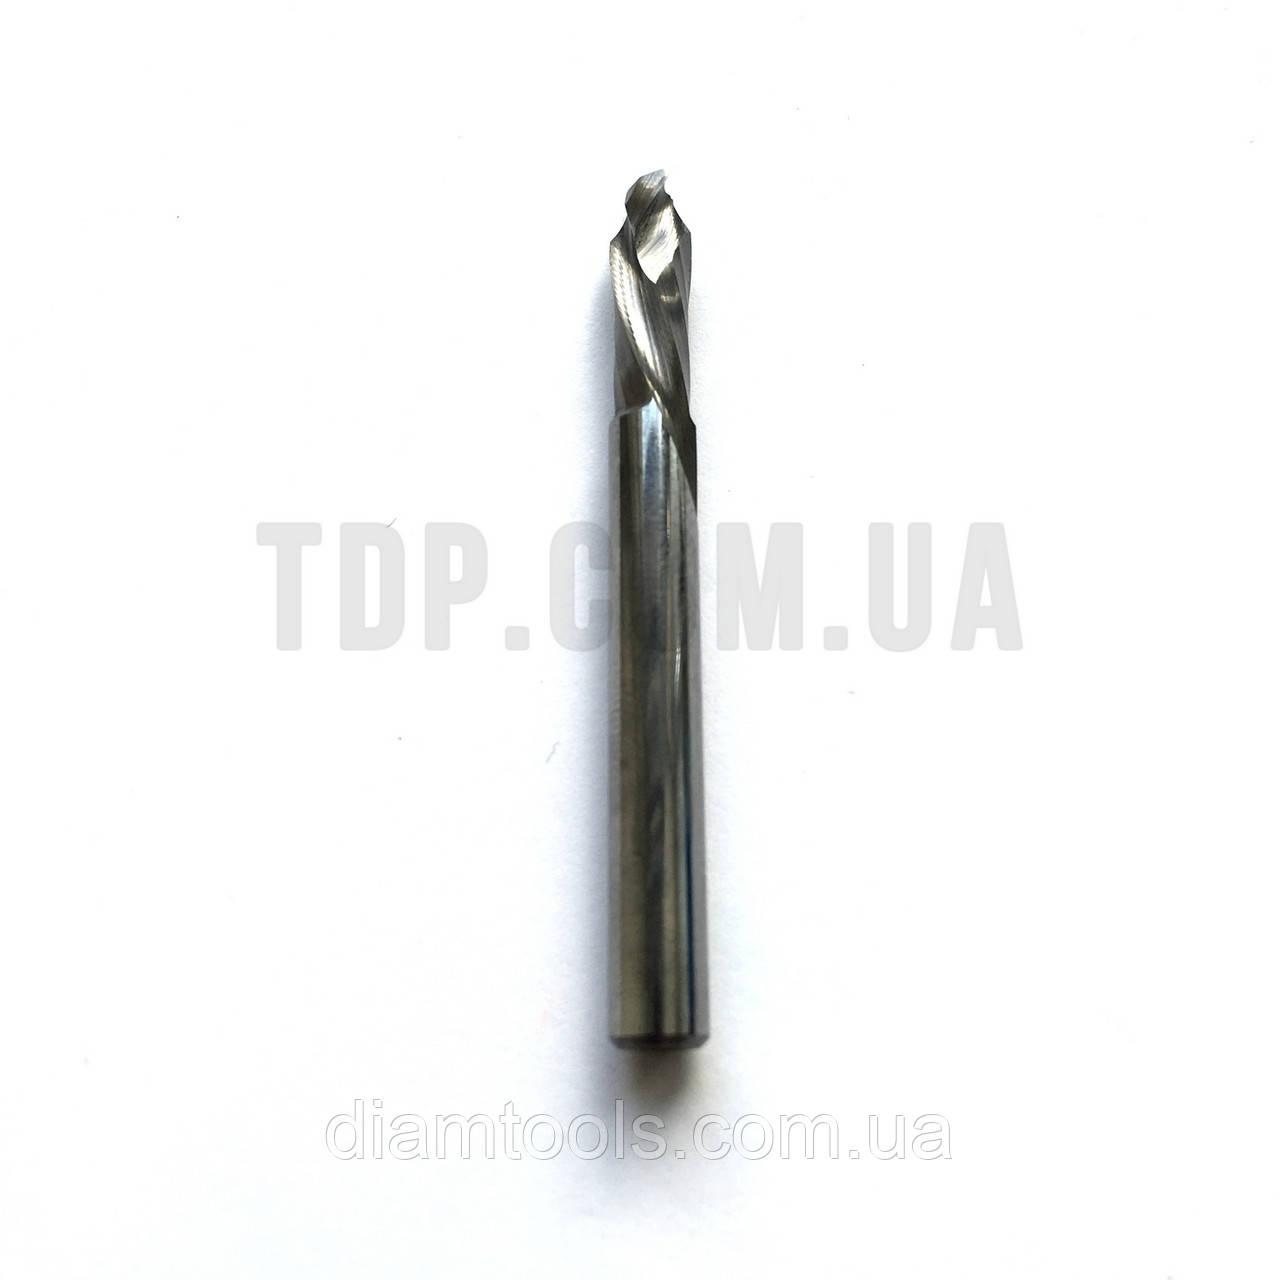 Фреза компрессионная с покрытием D3 d3 L40 l12 - 2 зуба